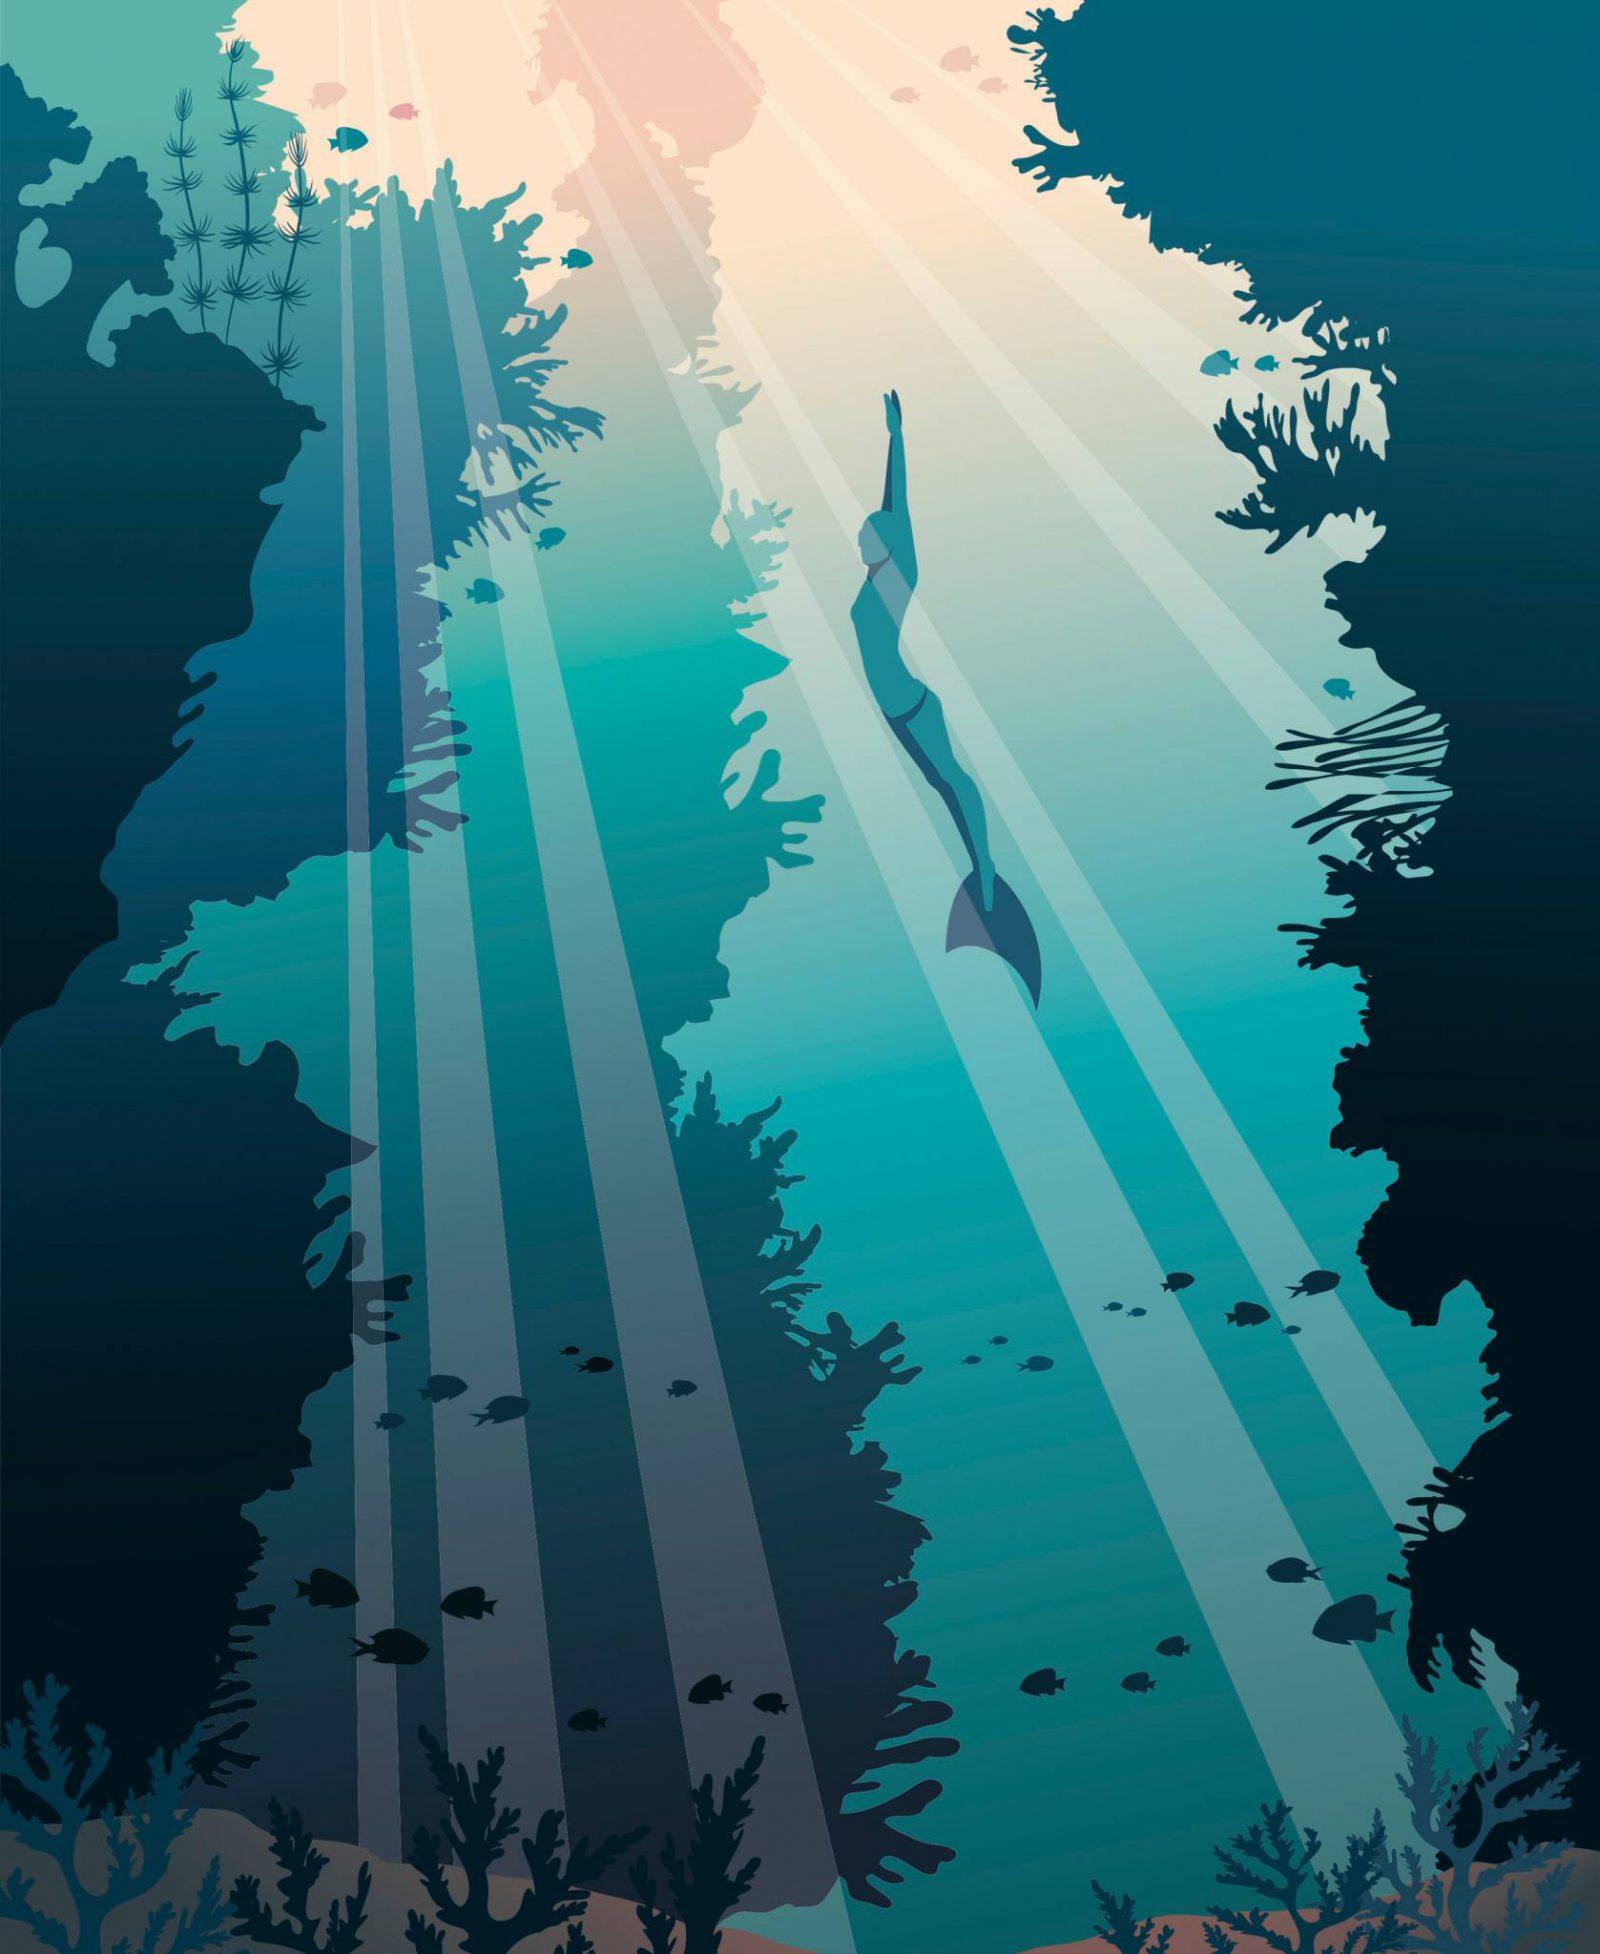 W wodzie trzeba być zmotywowanym i wyluzowanym. Ta zasada sprawdza się też nad powierzchnią. Dobrze, gdy ci na czymś zależy, ale nie za bardzo. (Fot. iStock)